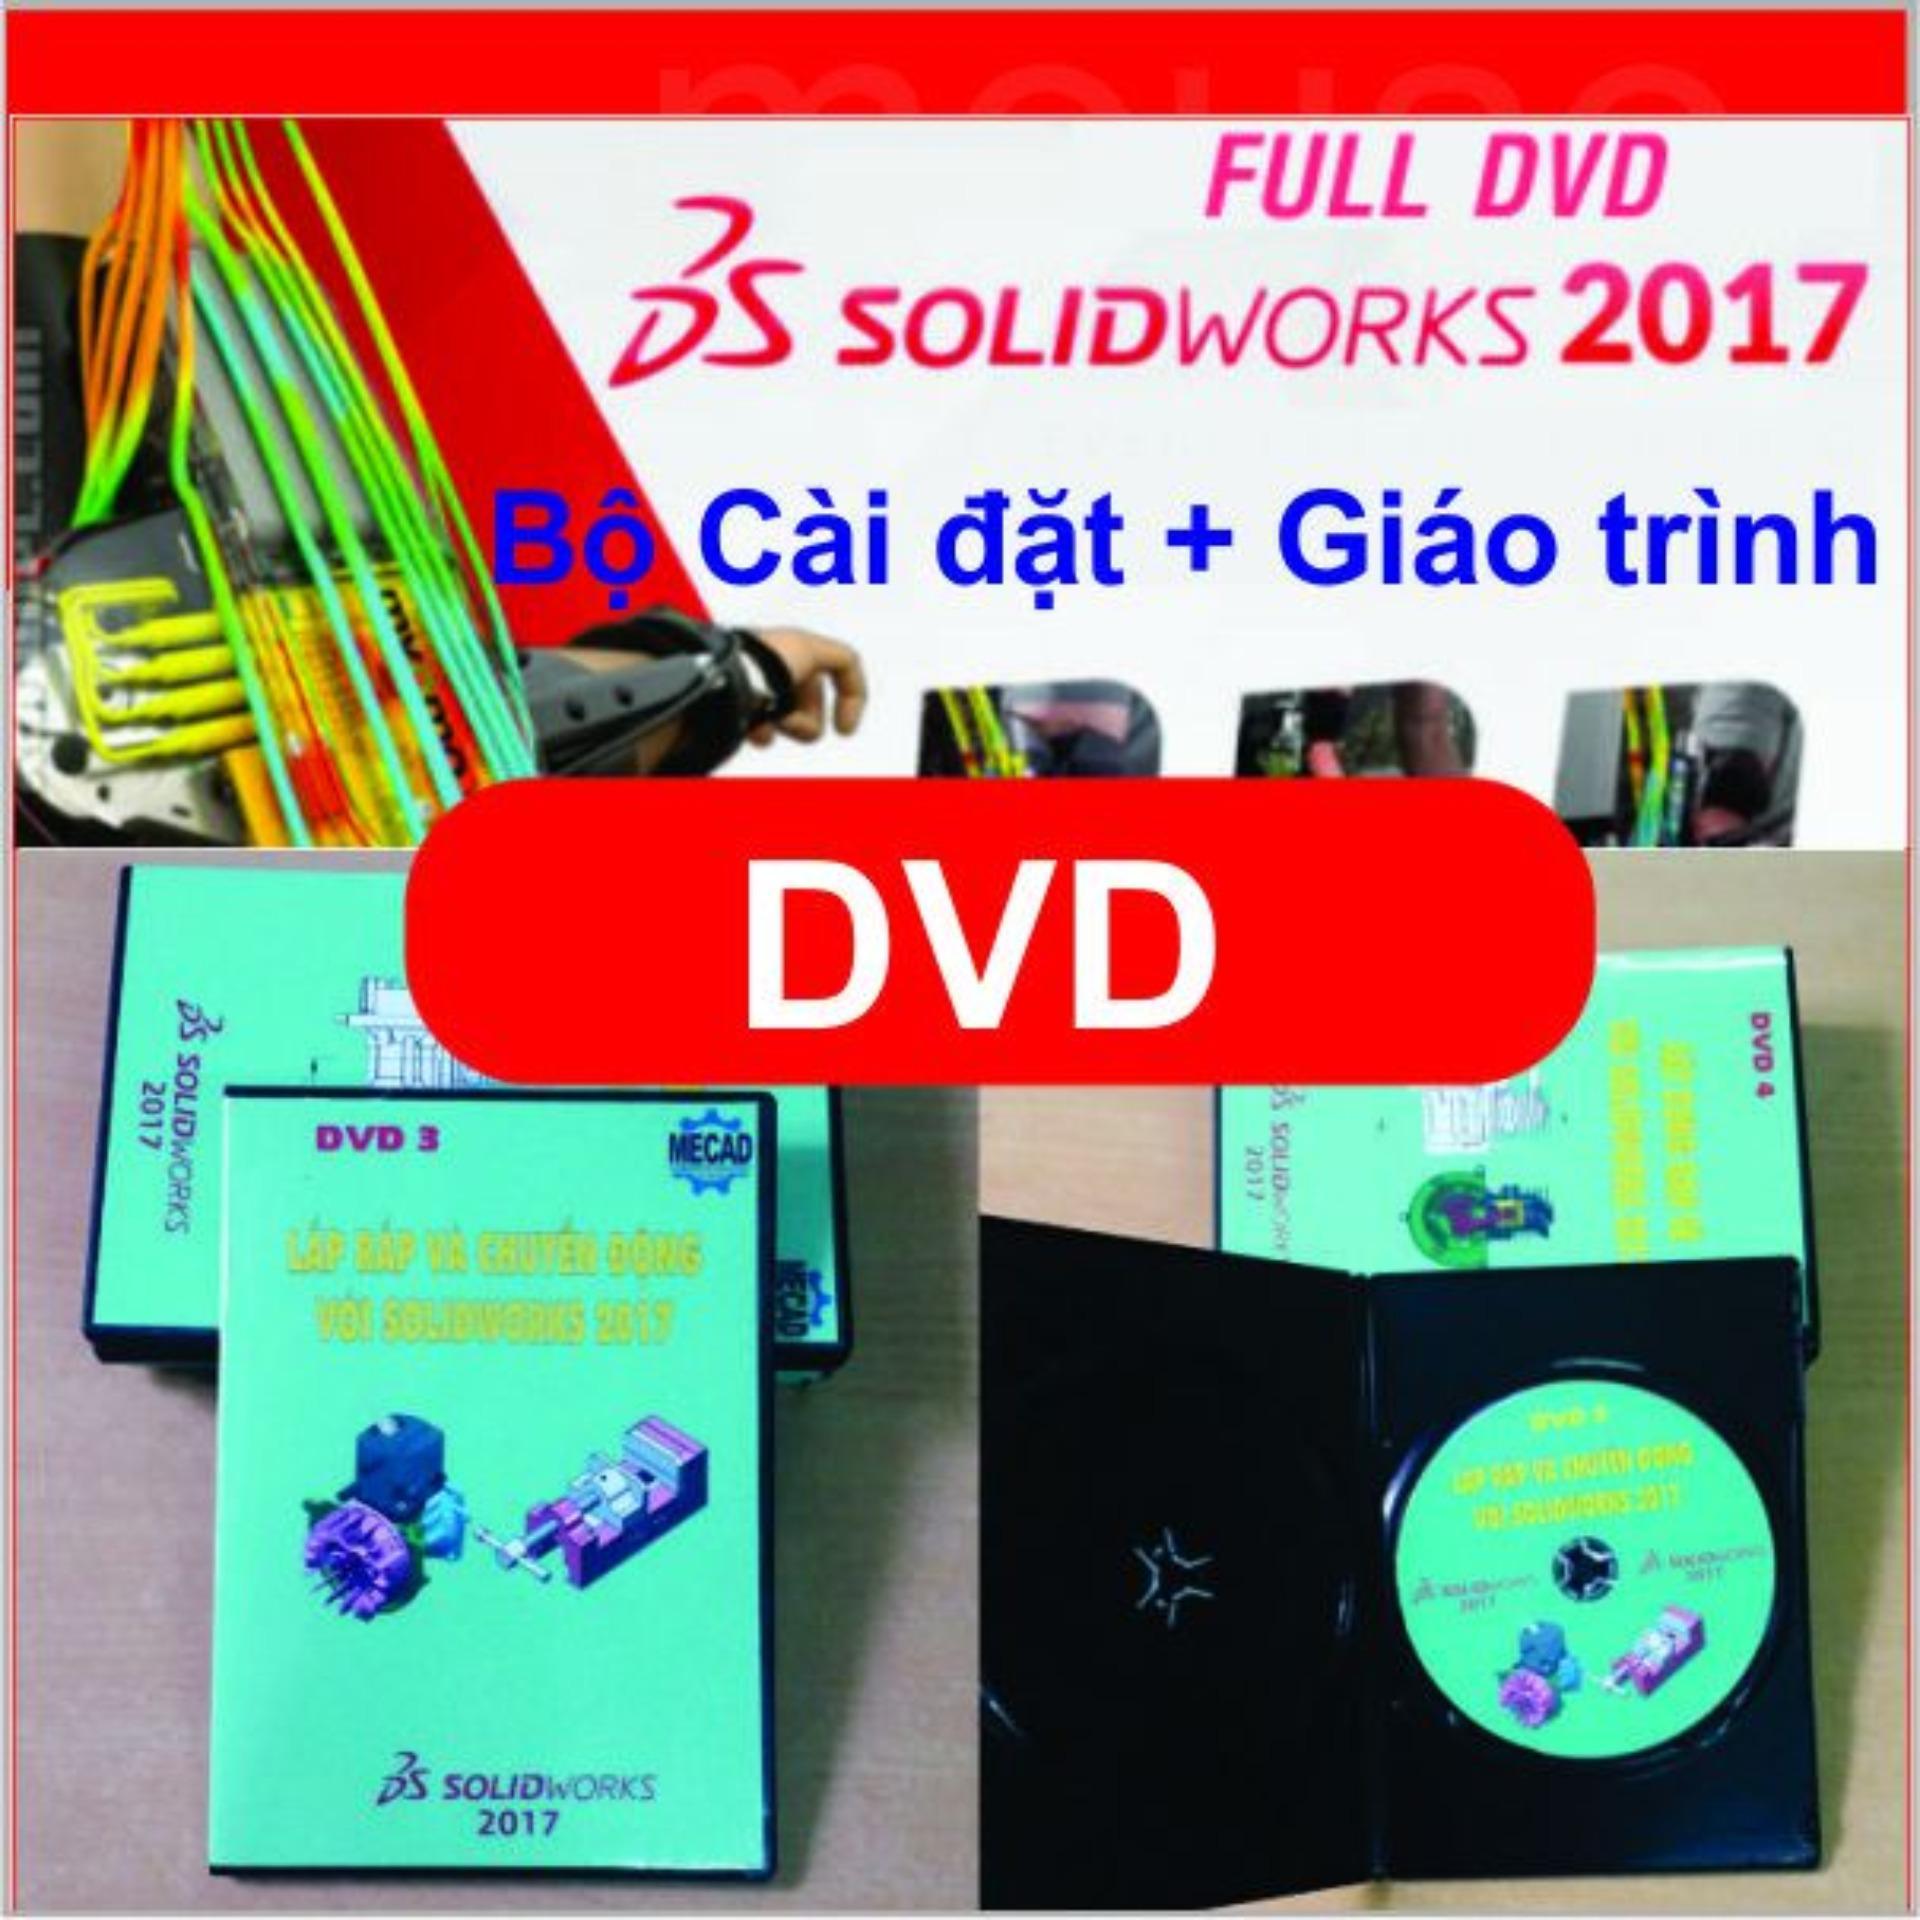 Hình ảnh Bộ DVD Solidworks 2017